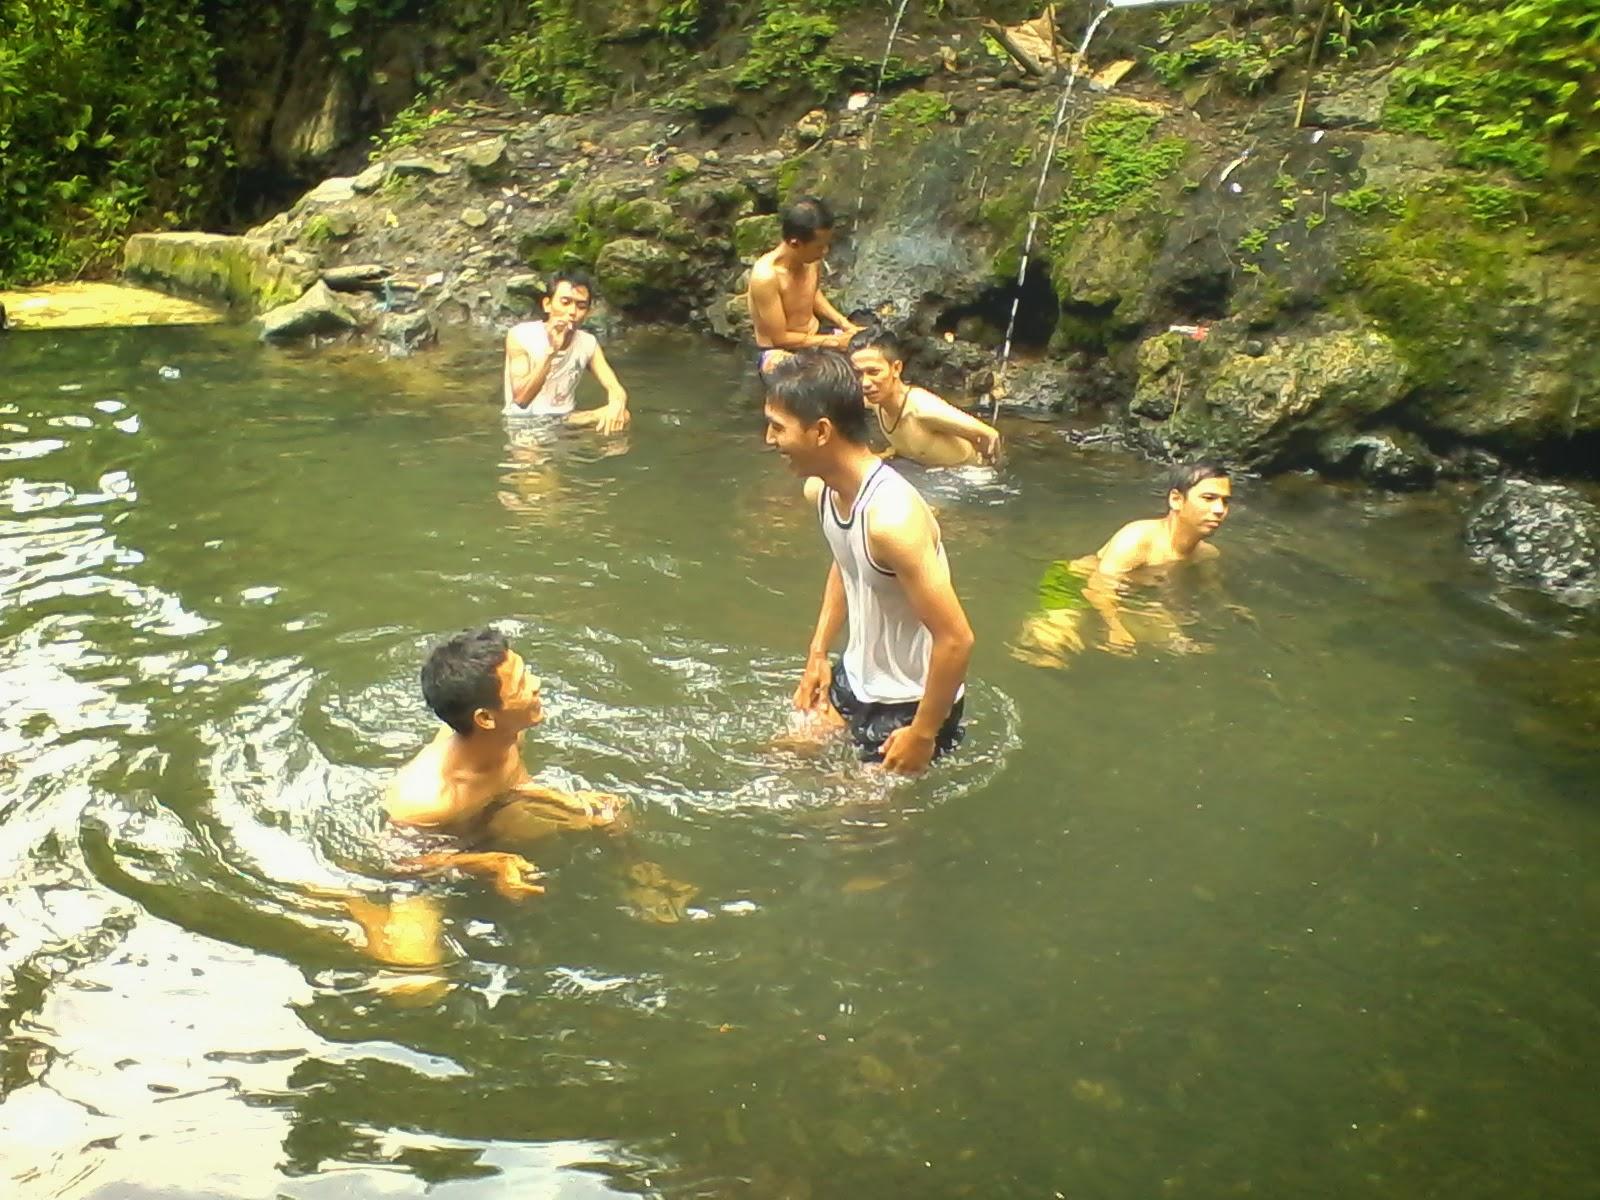 Objek Wisata Terindah 2014 (Galunggung-Tasikmalaya)